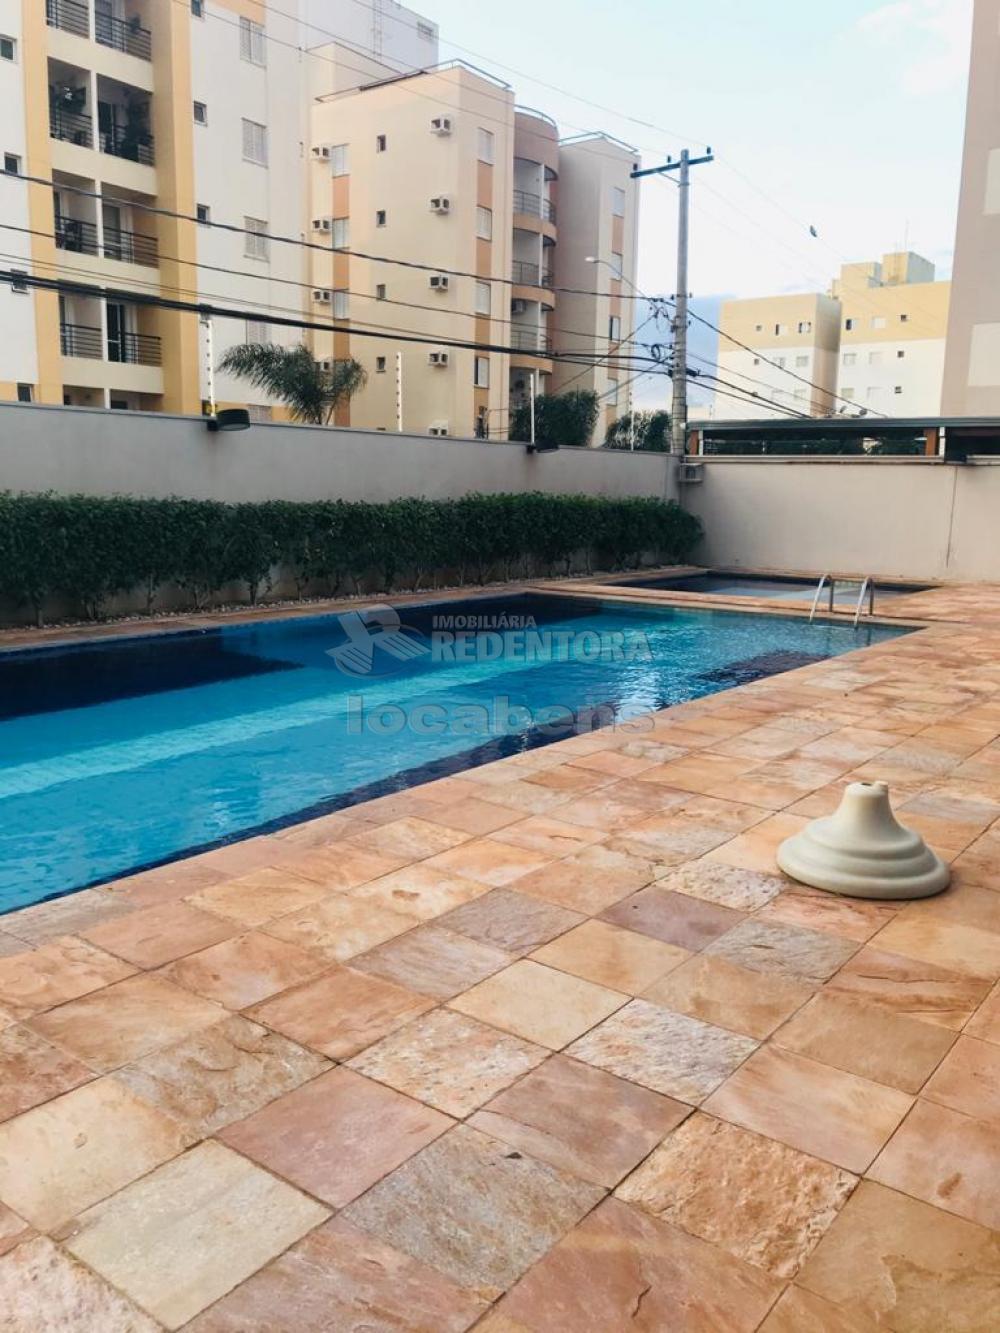 Comprar Apartamento / Padrão em São José do Rio Preto R$ 360.000,00 - Foto 21